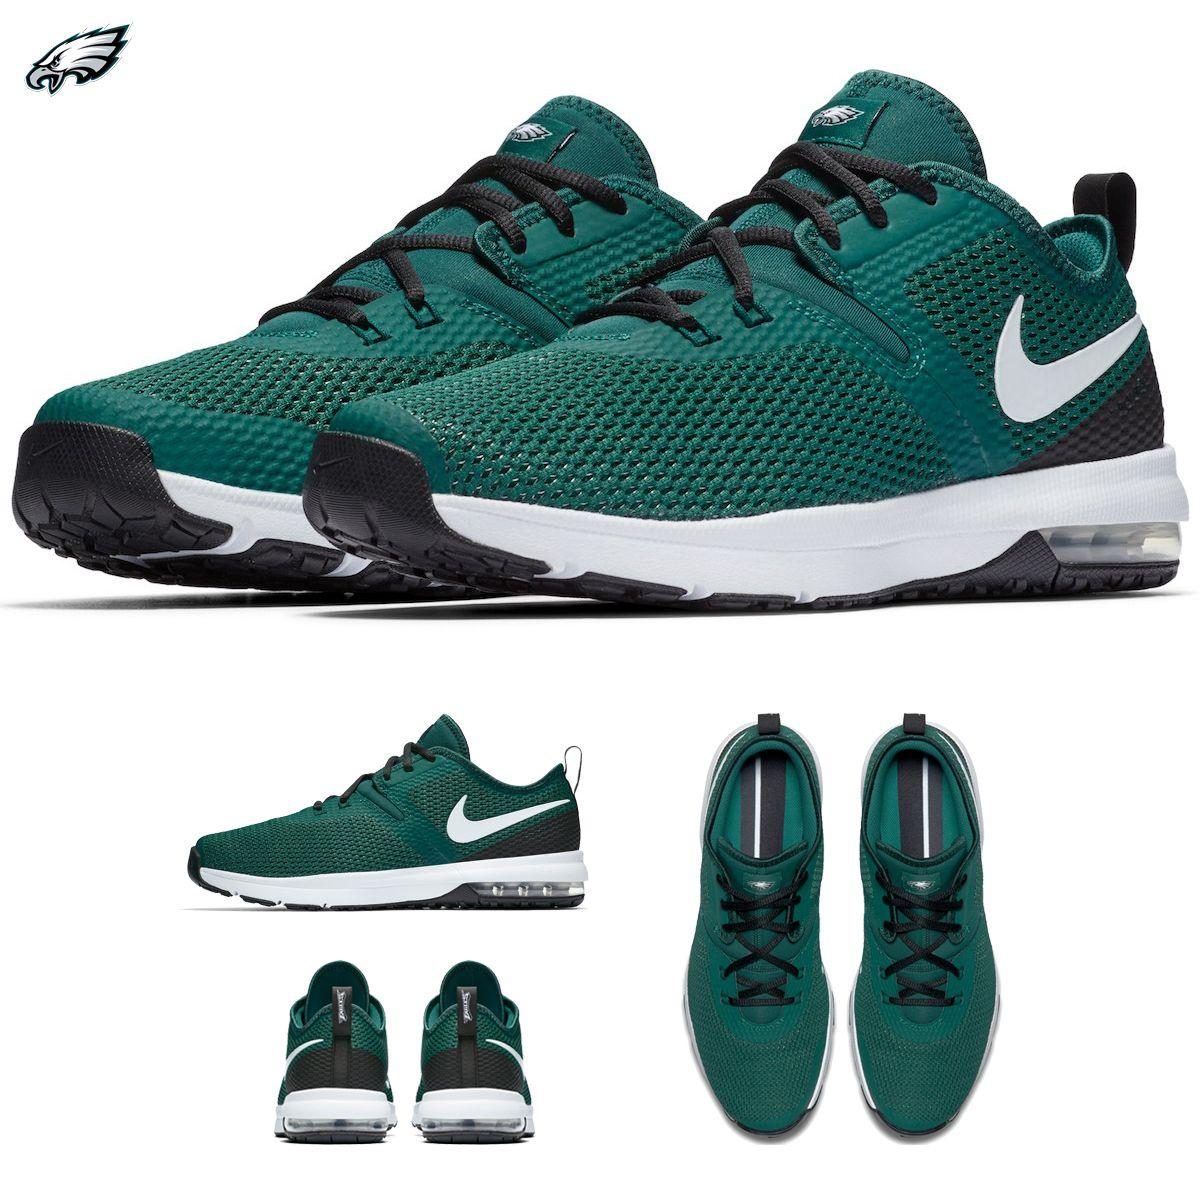 Philadelphia Eagles Nike Air Max Typha 2 Shoes NFL 2018